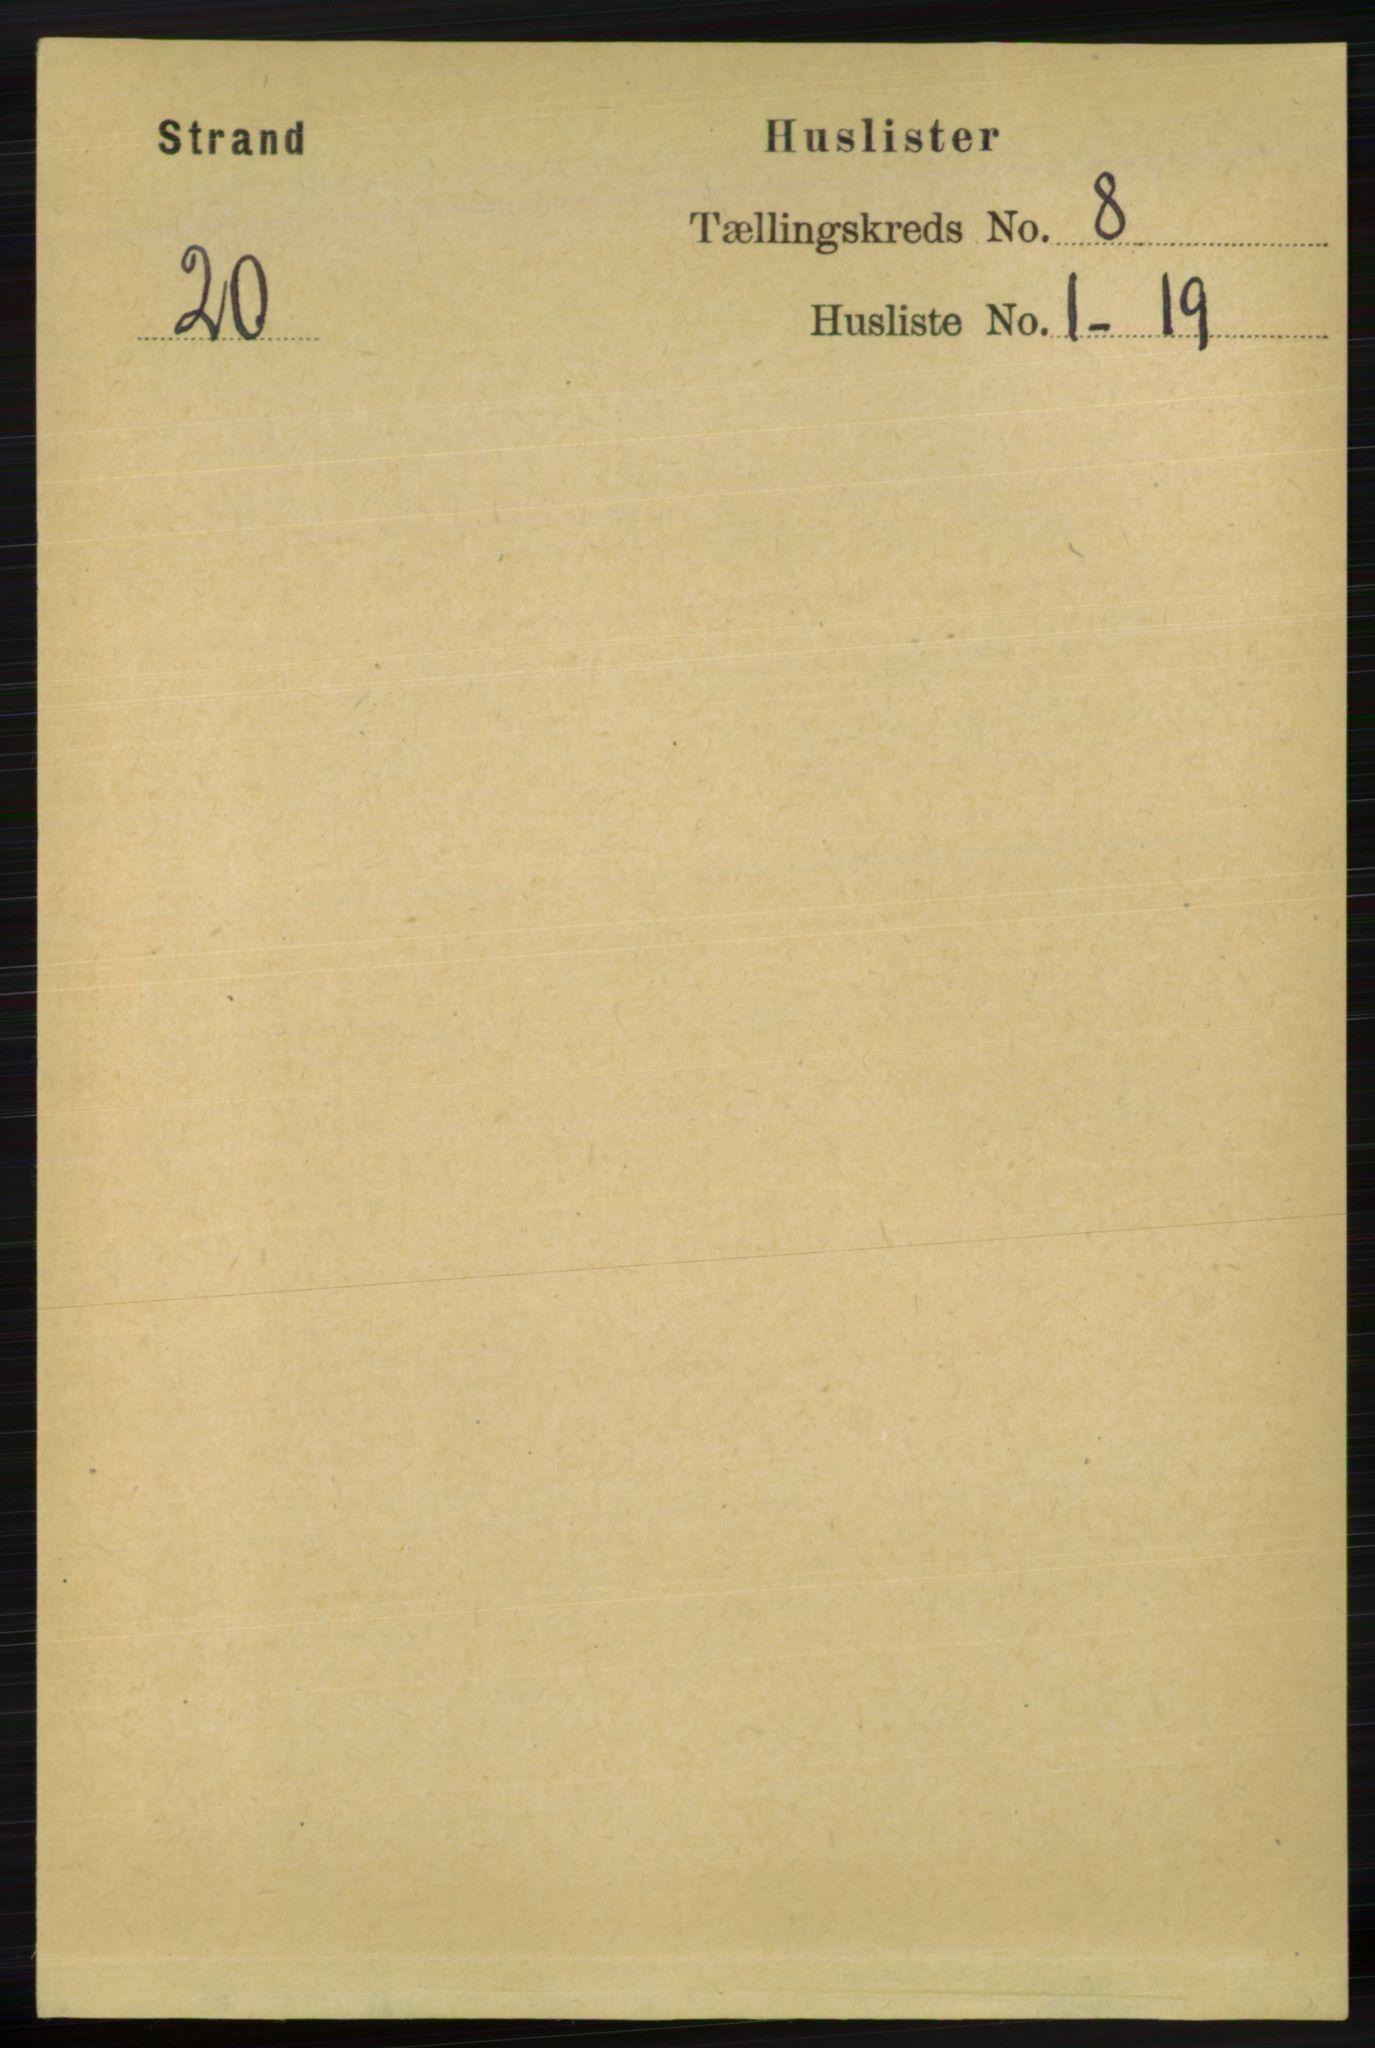 RA, Folketelling 1891 for 1130 Strand herred, 1891, s. 2478